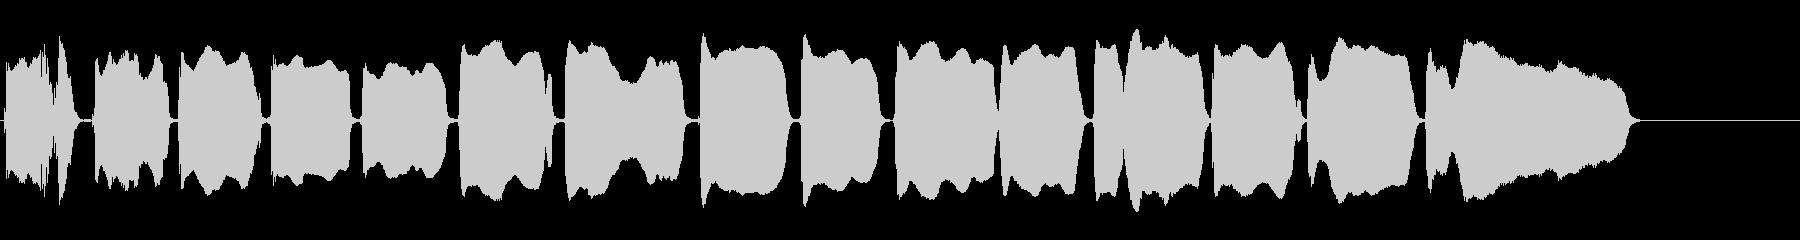 トランペット:スケールアップ、ダウ...の未再生の波形